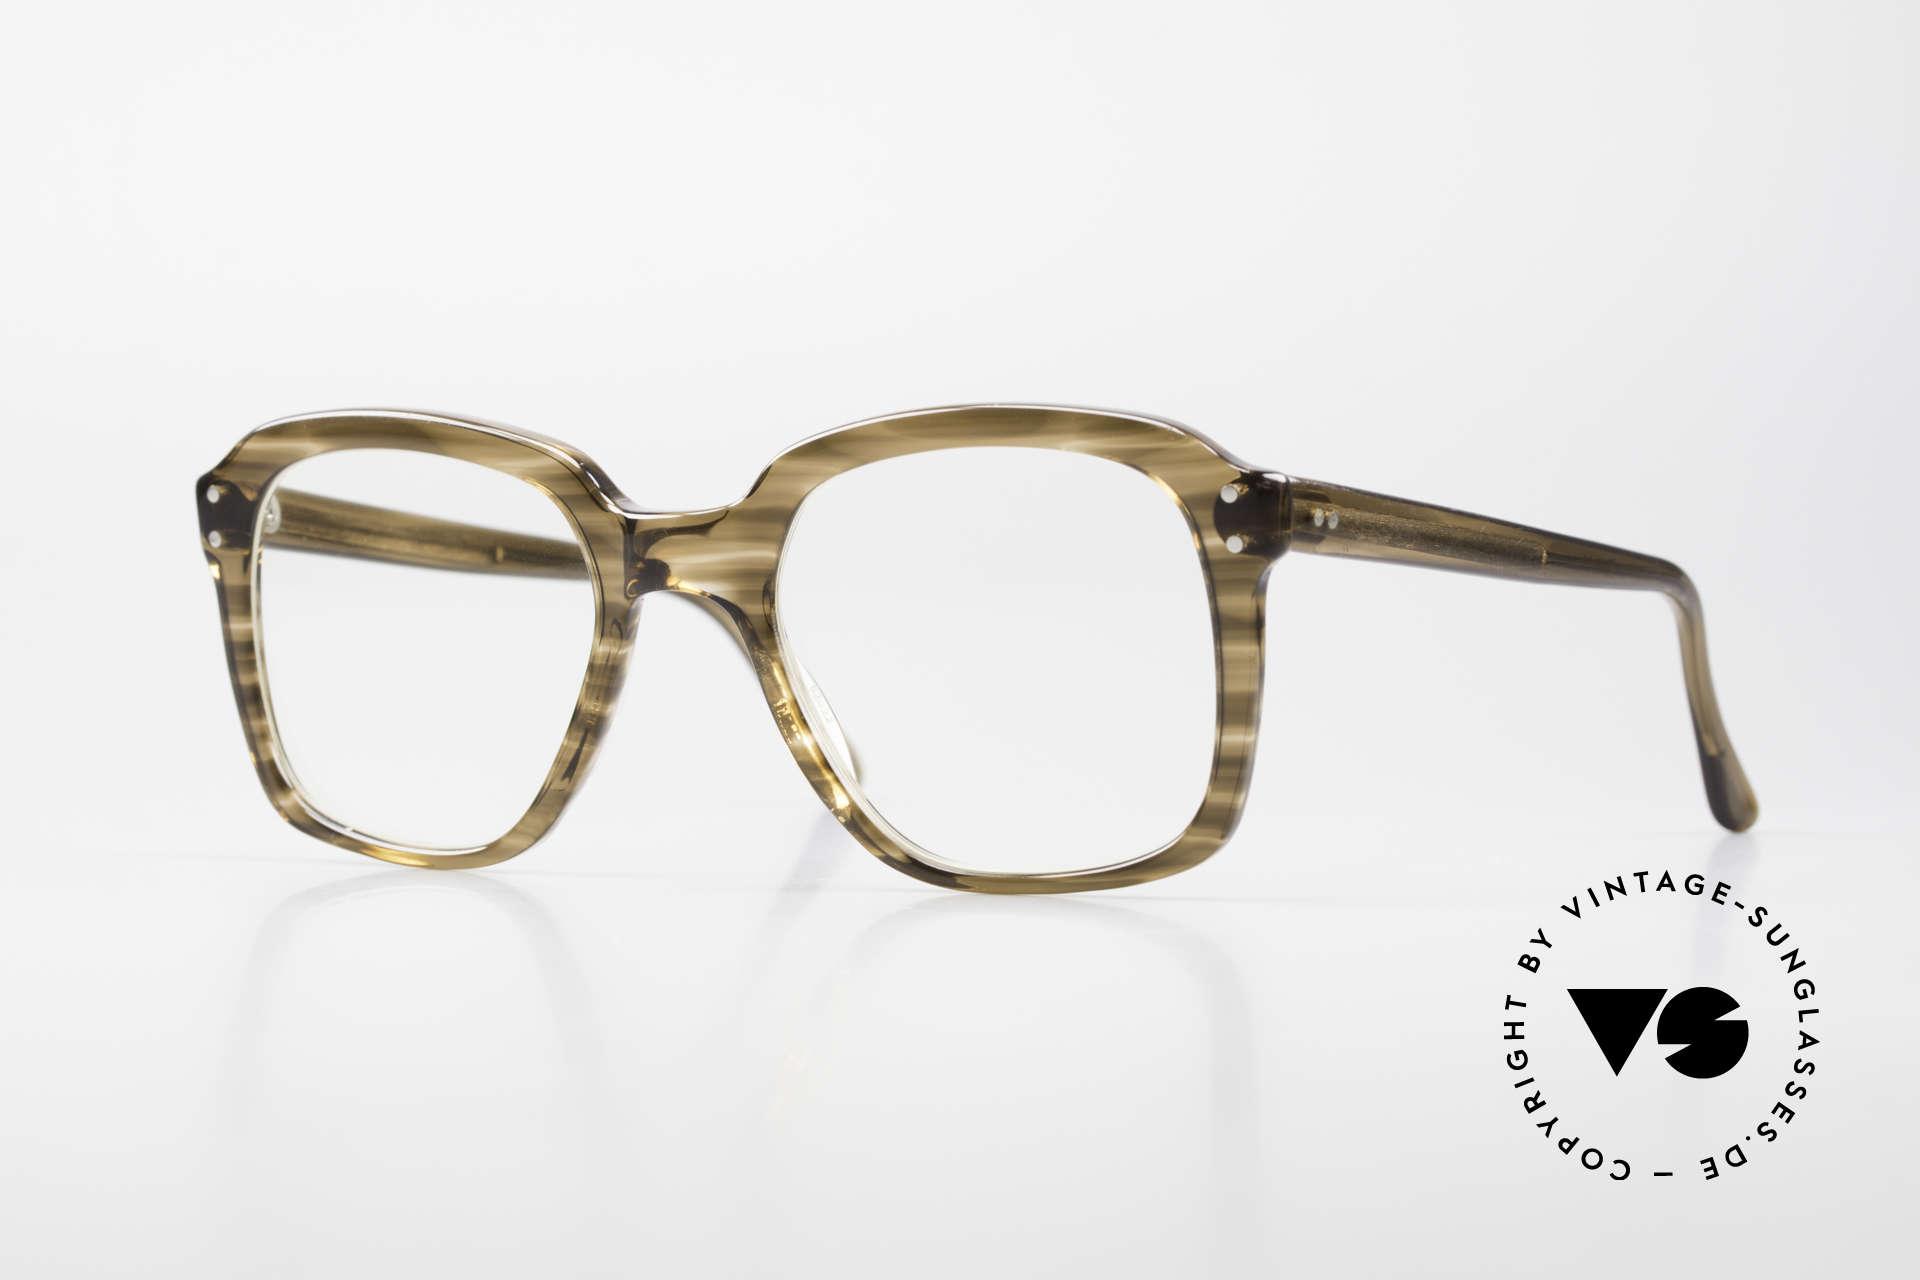 Metzler 449 Old 70's Original Nerd Glasses, old original Metzler eyeglass-frame from the 70's/80's, Made for Men